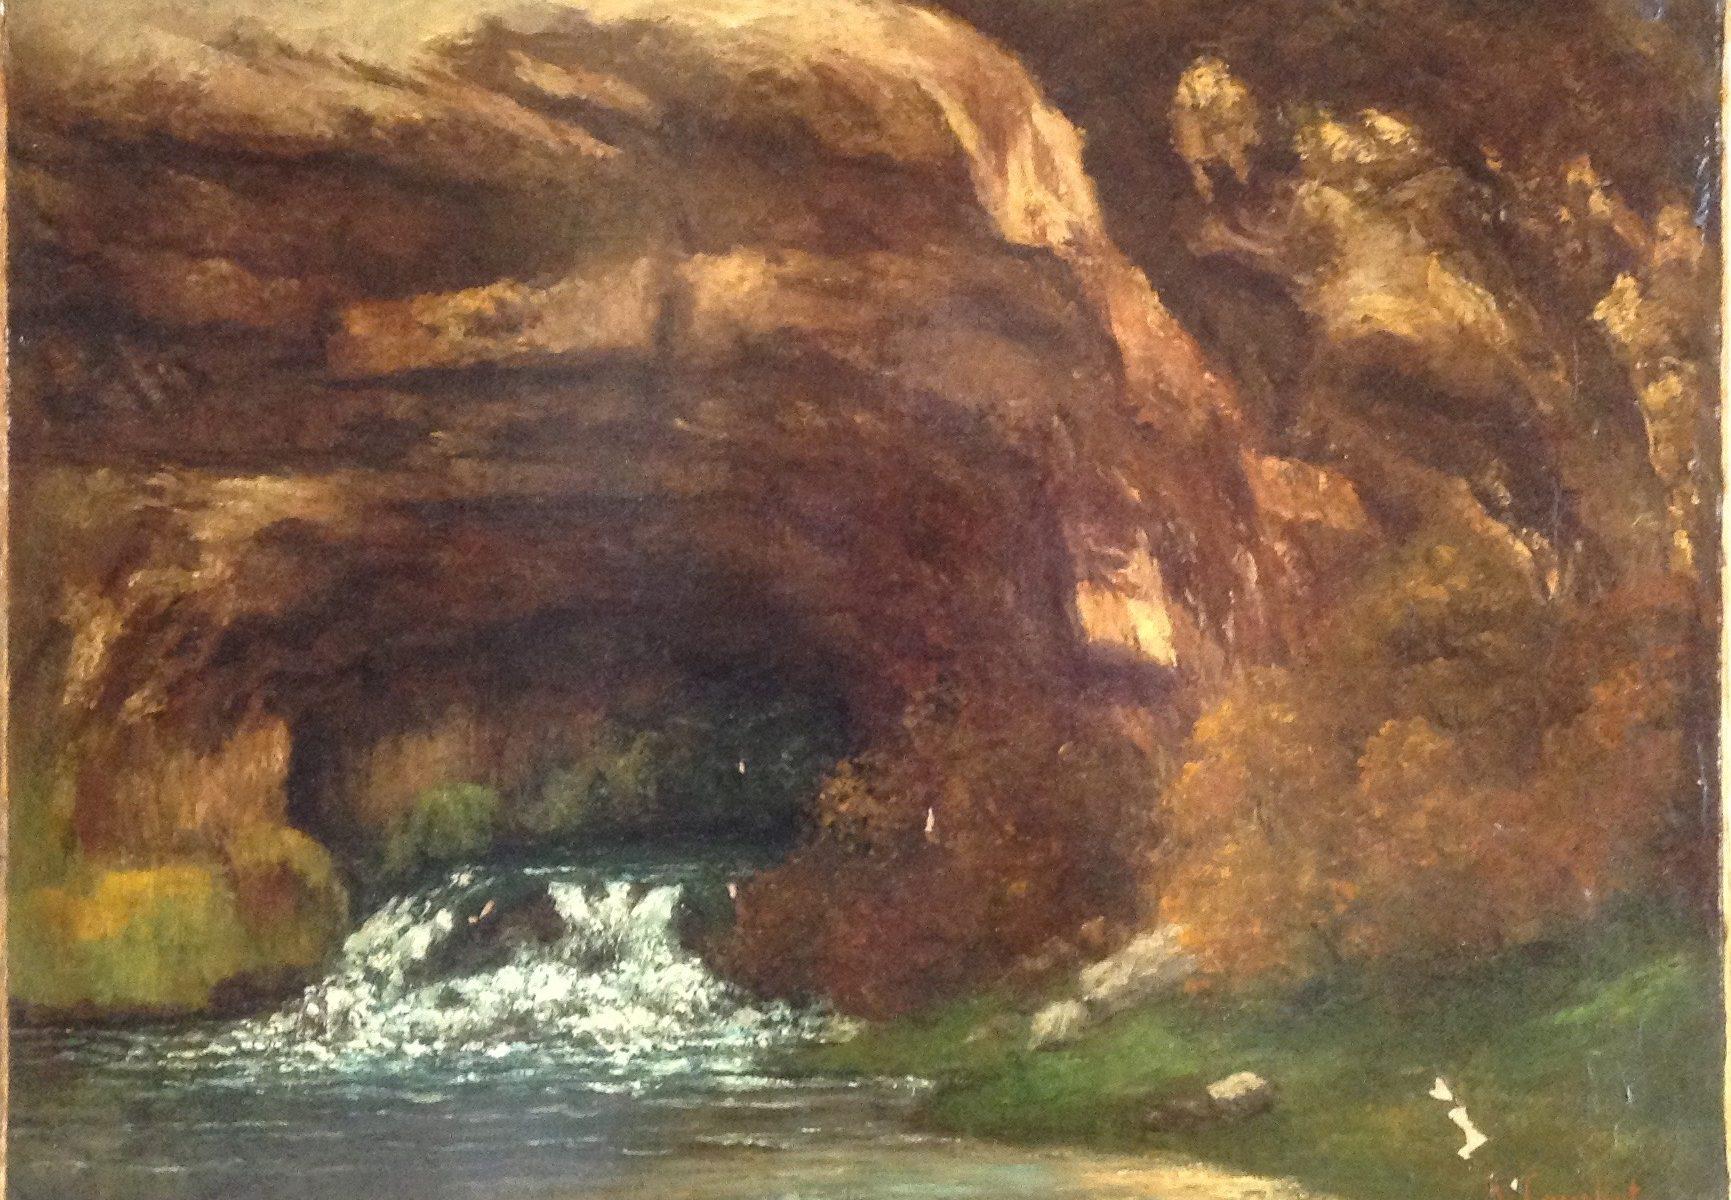 Gustave Courbet La Source Huile sur toile